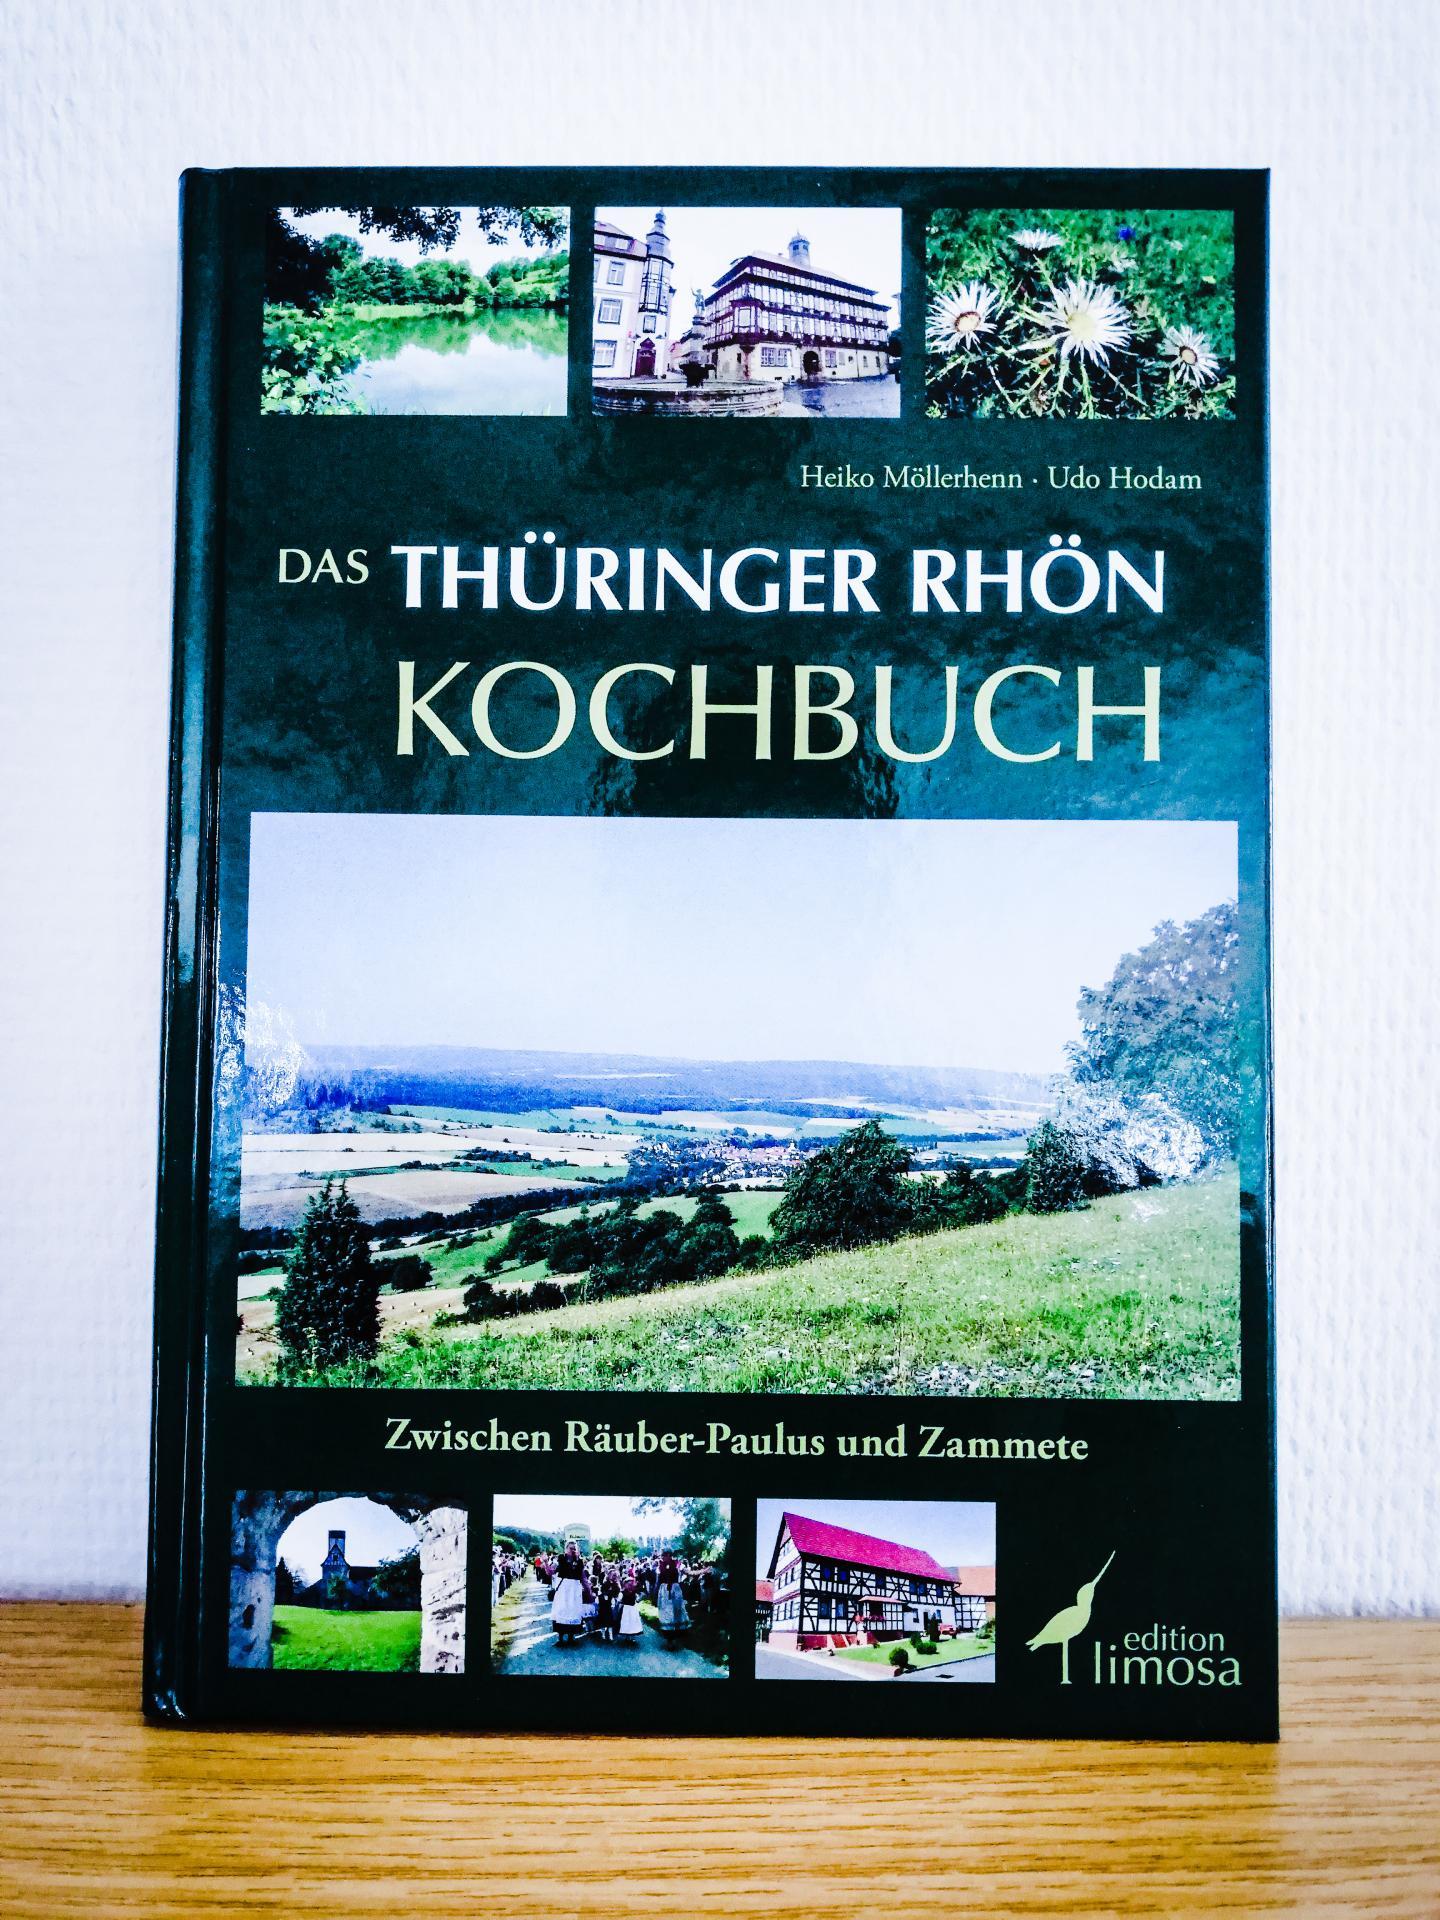 Thüringer Rhön Kochbuch